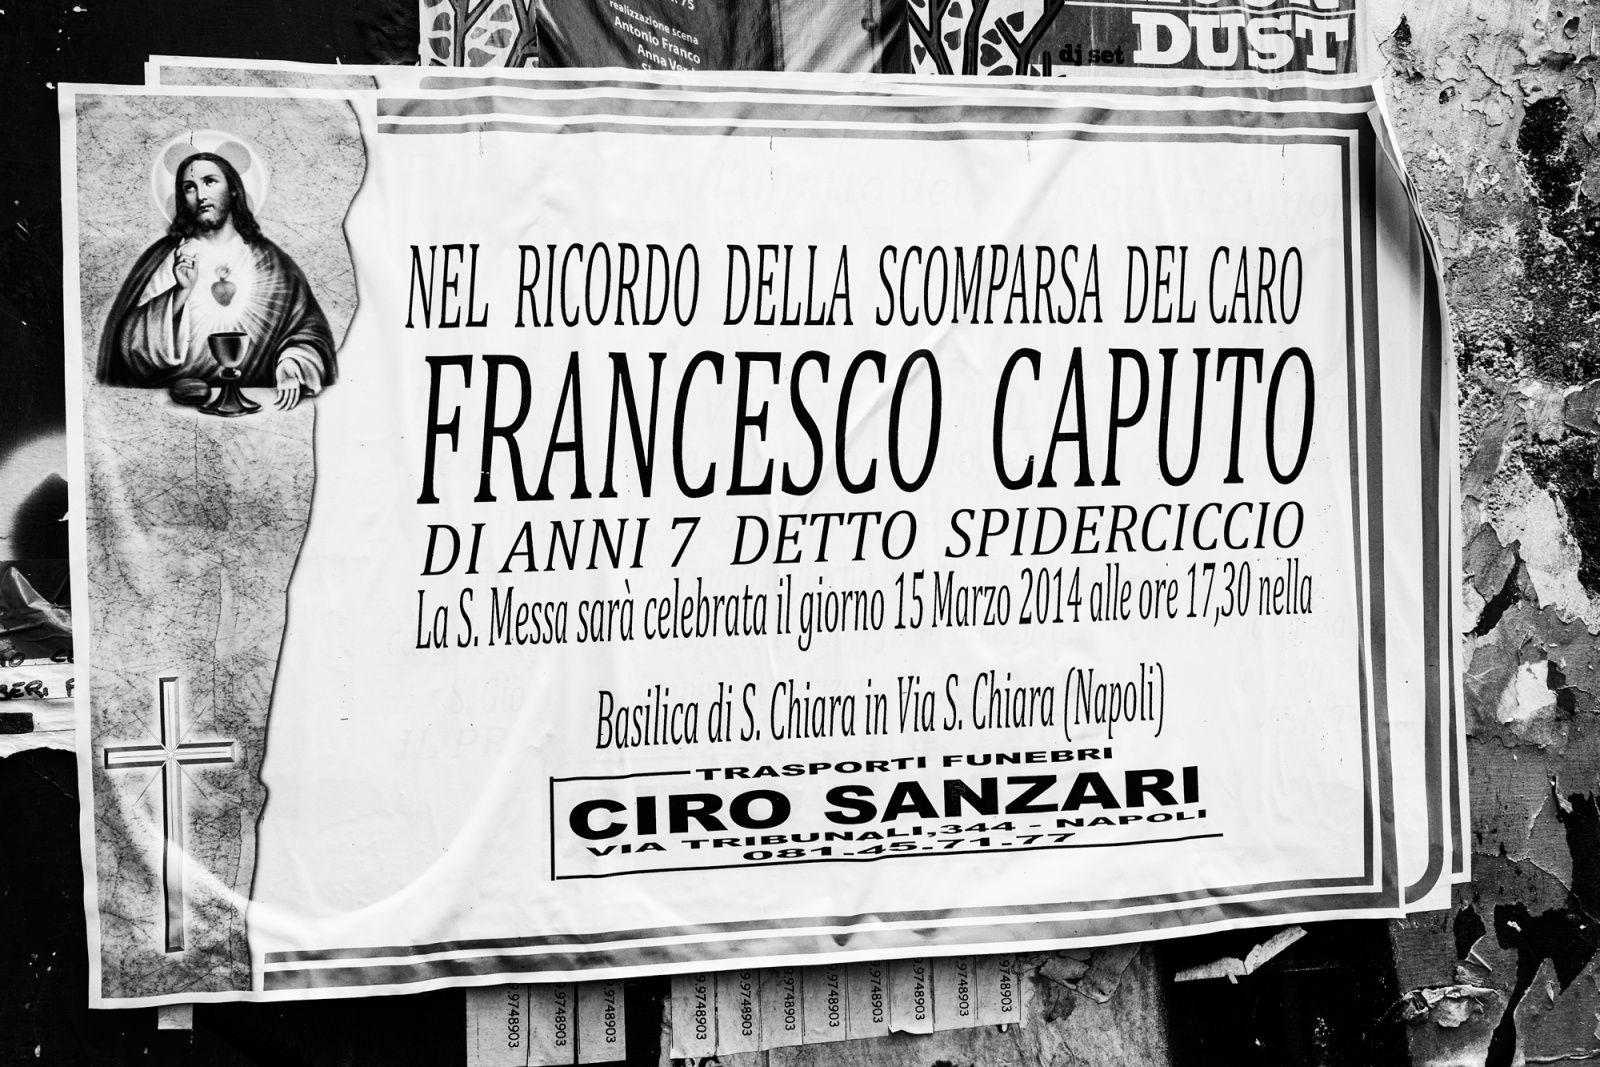 """Francesco Caputo, detto """"spiderciccio"""" - Napoli, 2015"""